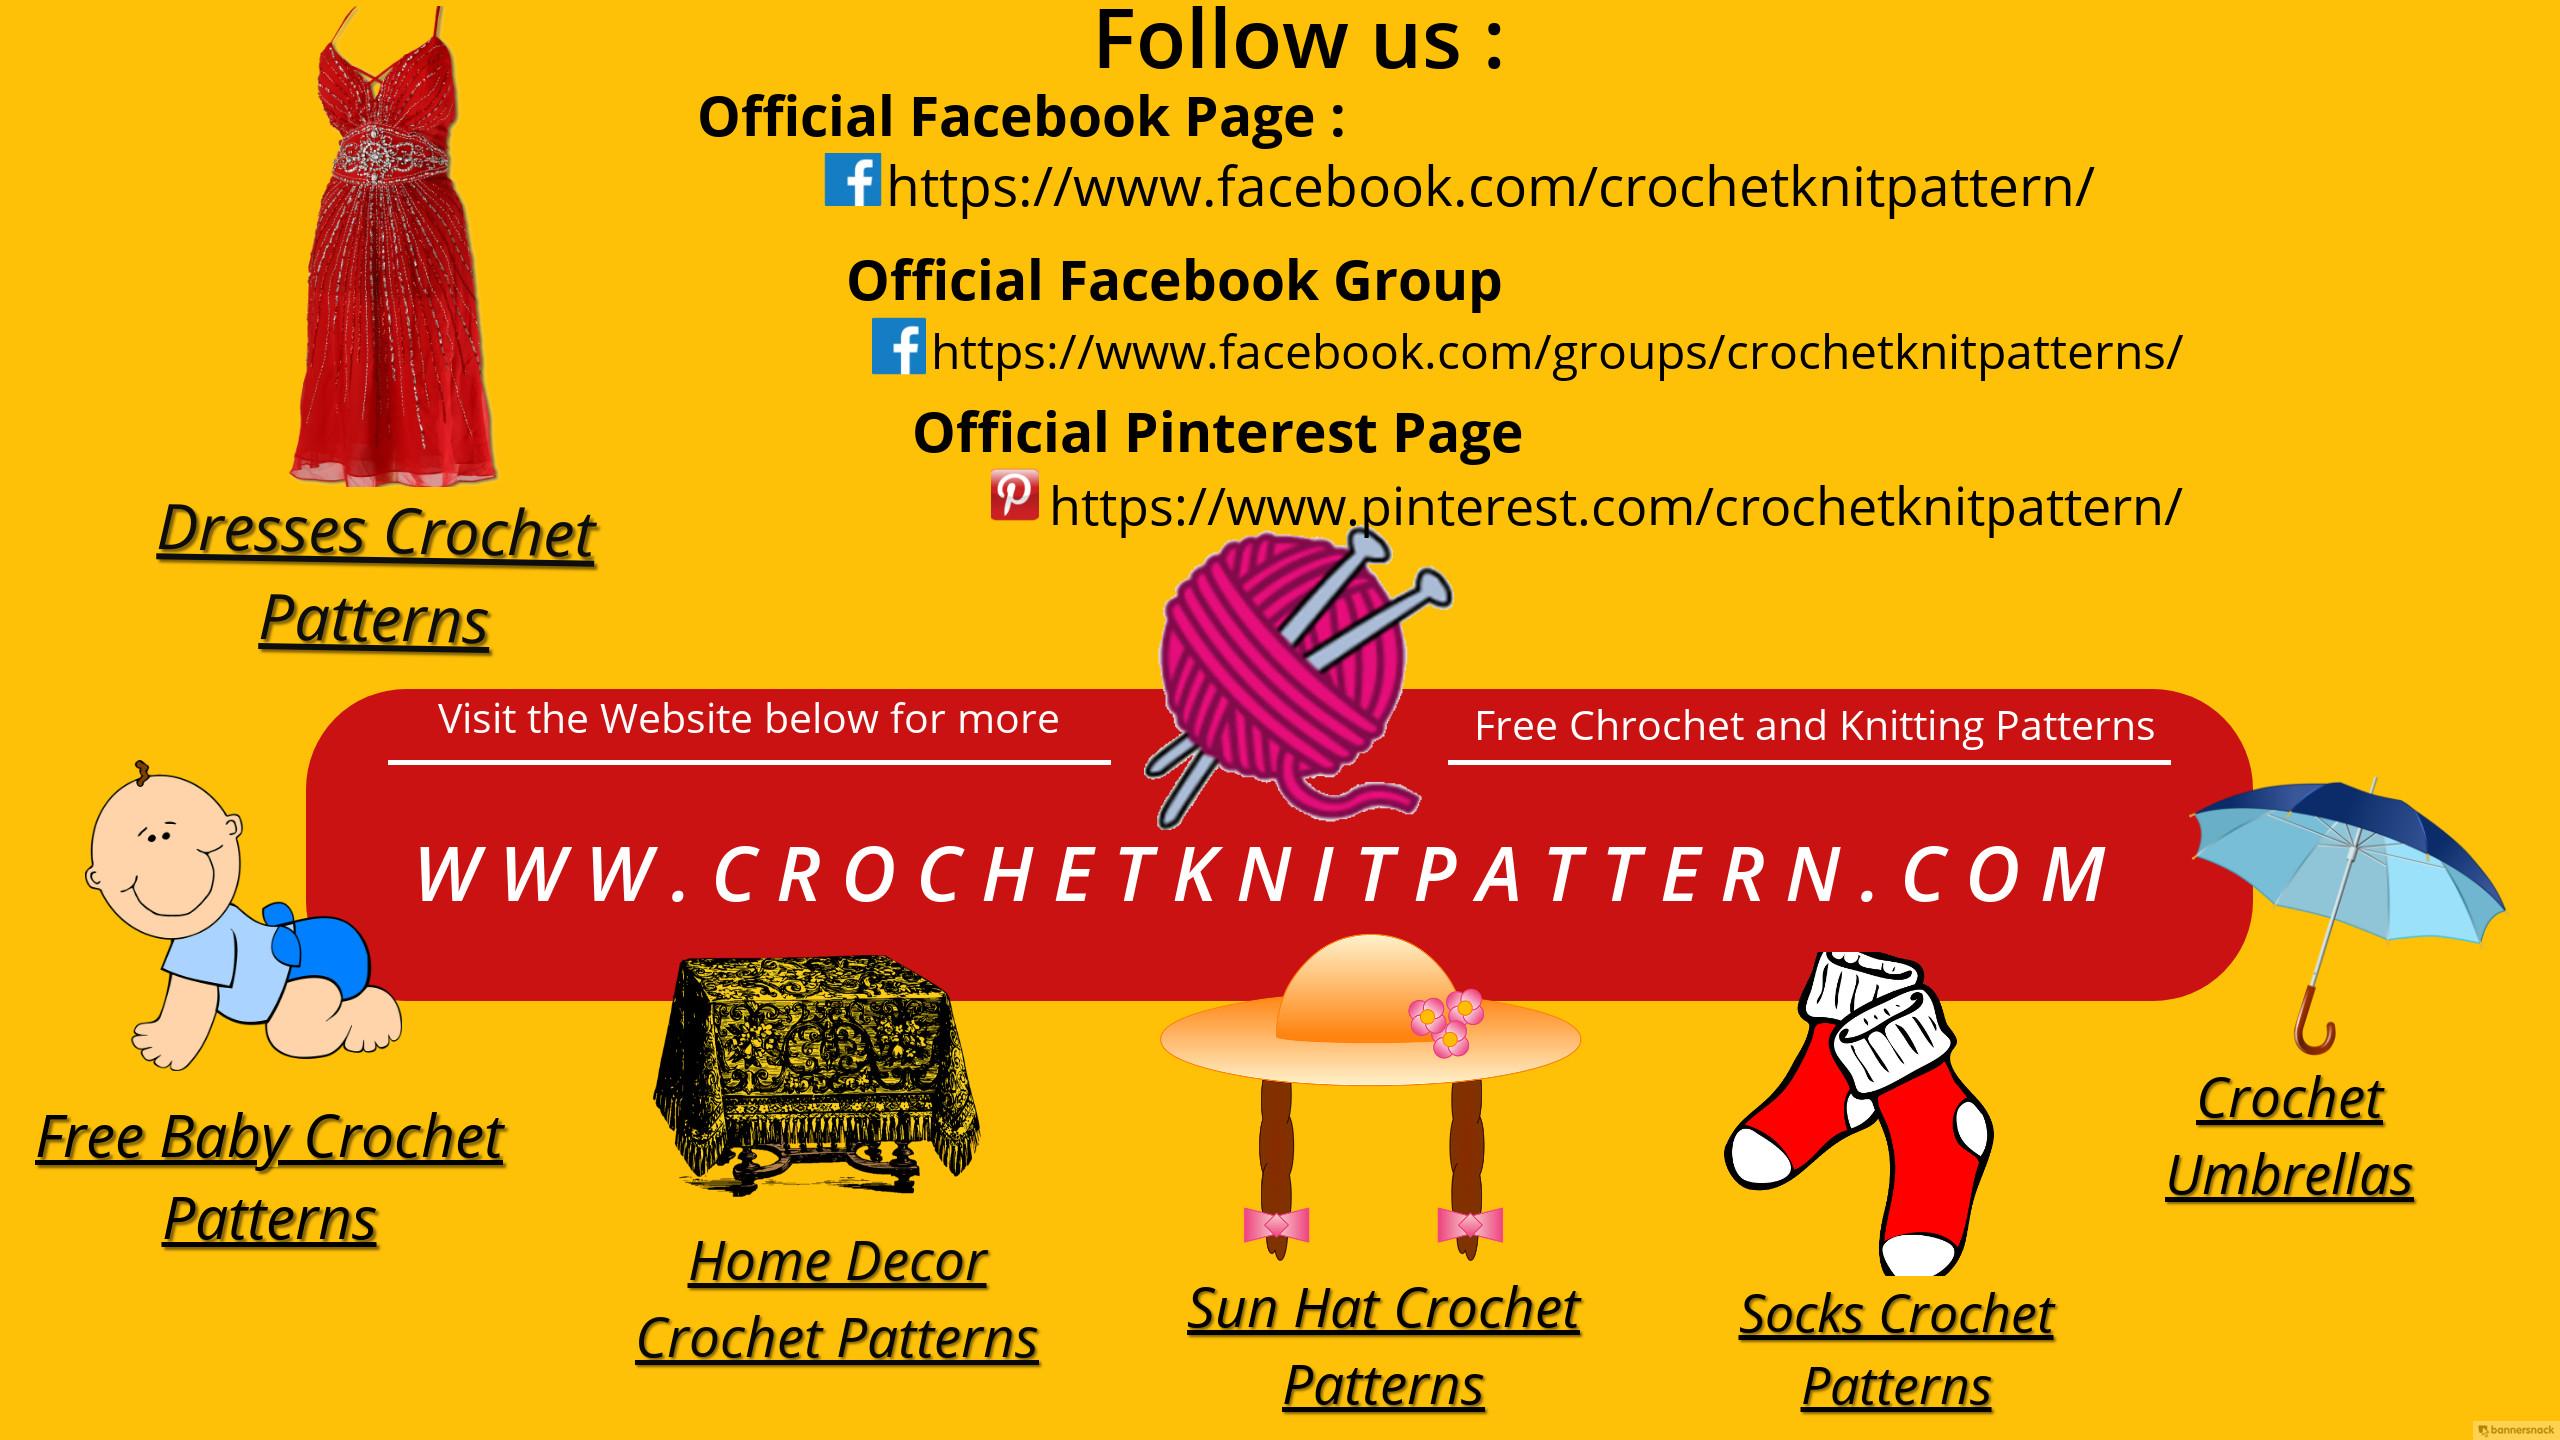 Youtube Crochet Beautiful Crochet Patterns And Knitting Patterns